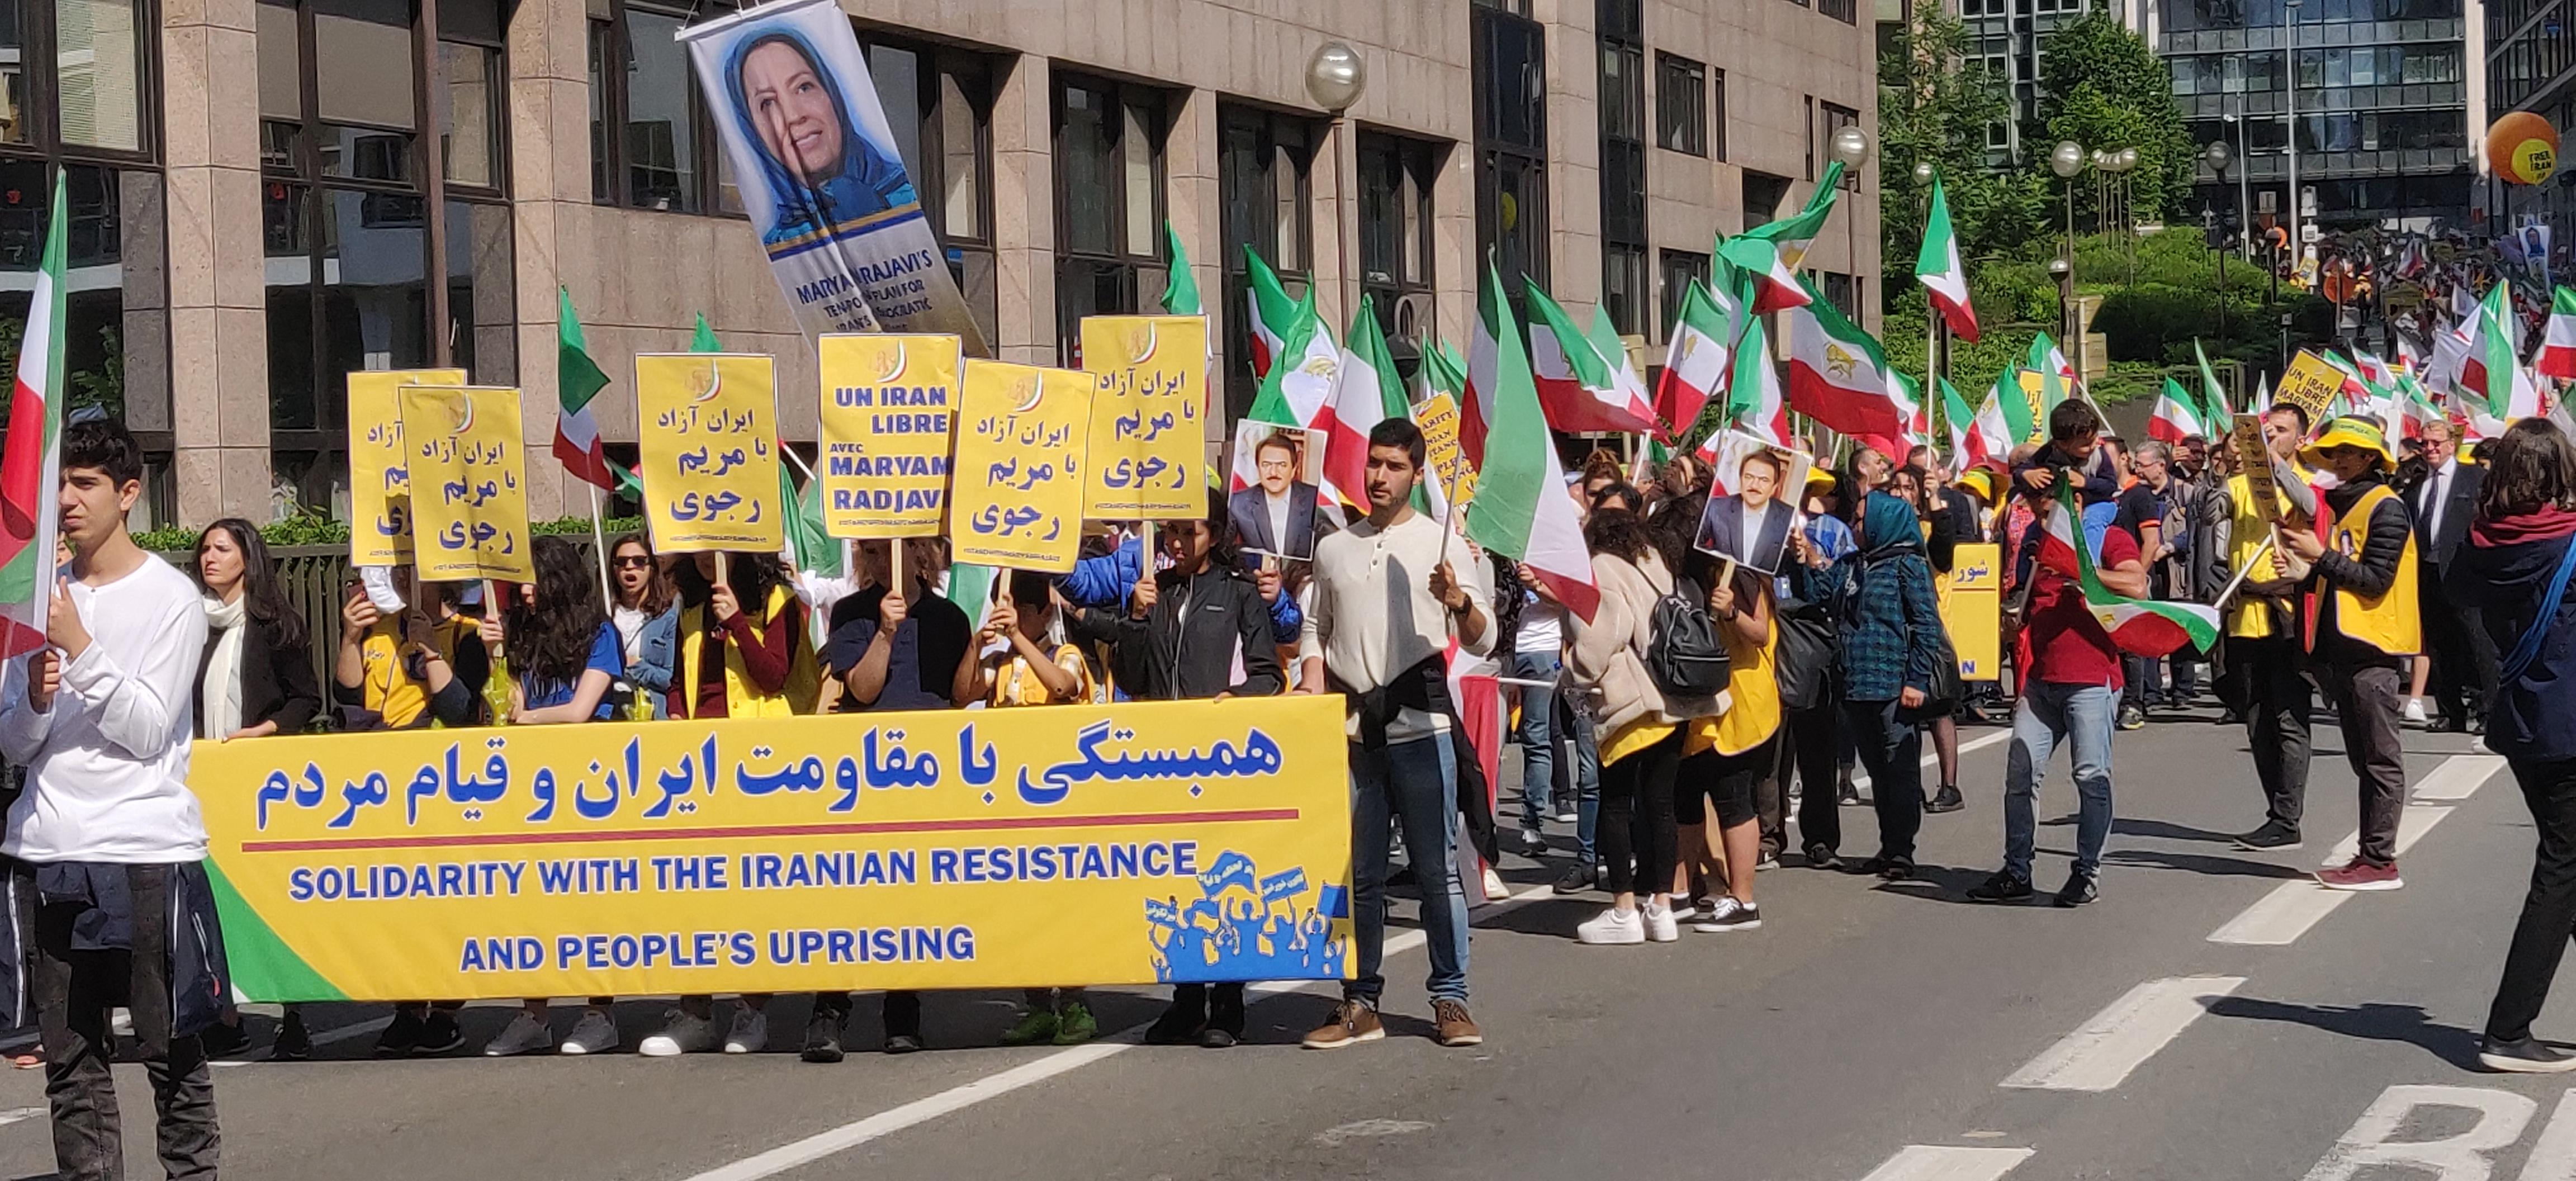 Protestmarsch i Bryssel mot iranska regimen, den 15 juni 2019